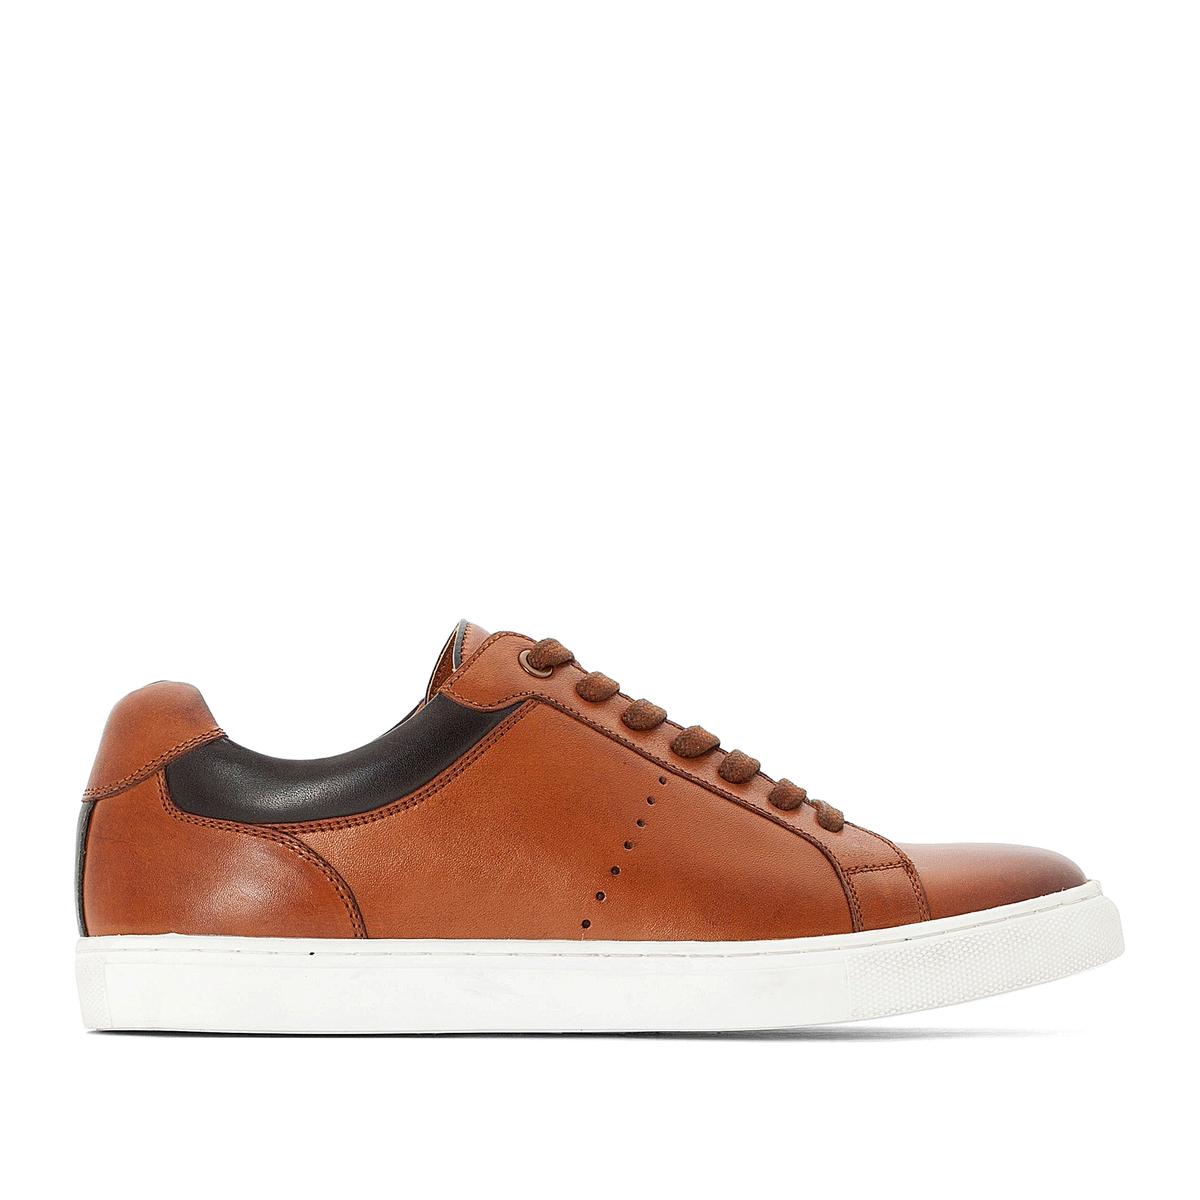 Кроссовки La Redoute — Кожаные на шнуровке 41 каштановый